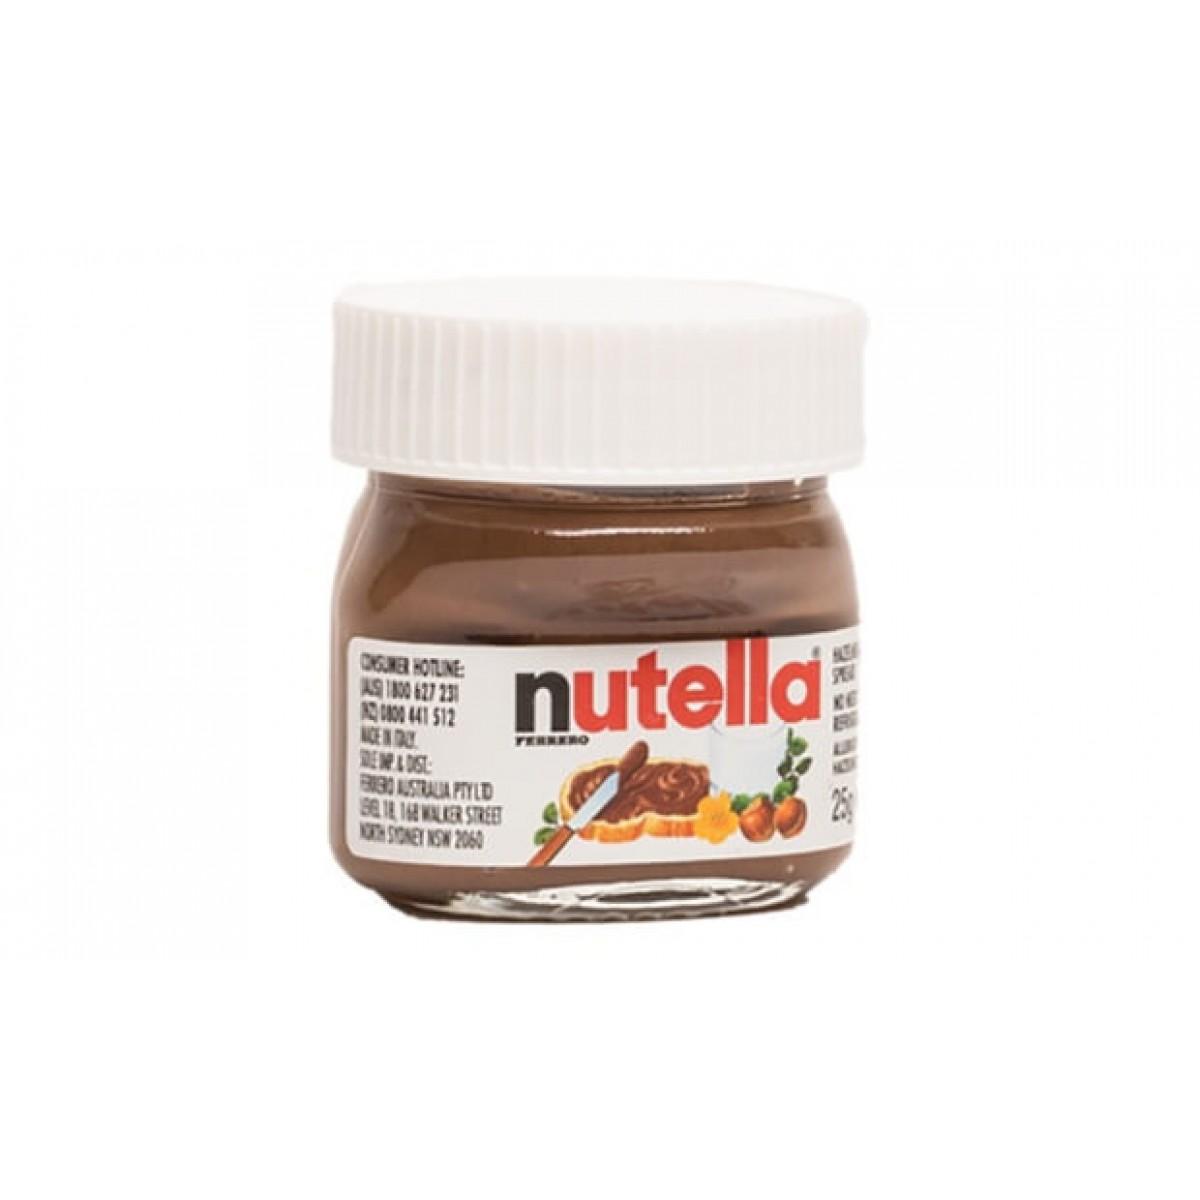 Sex food nutella #11